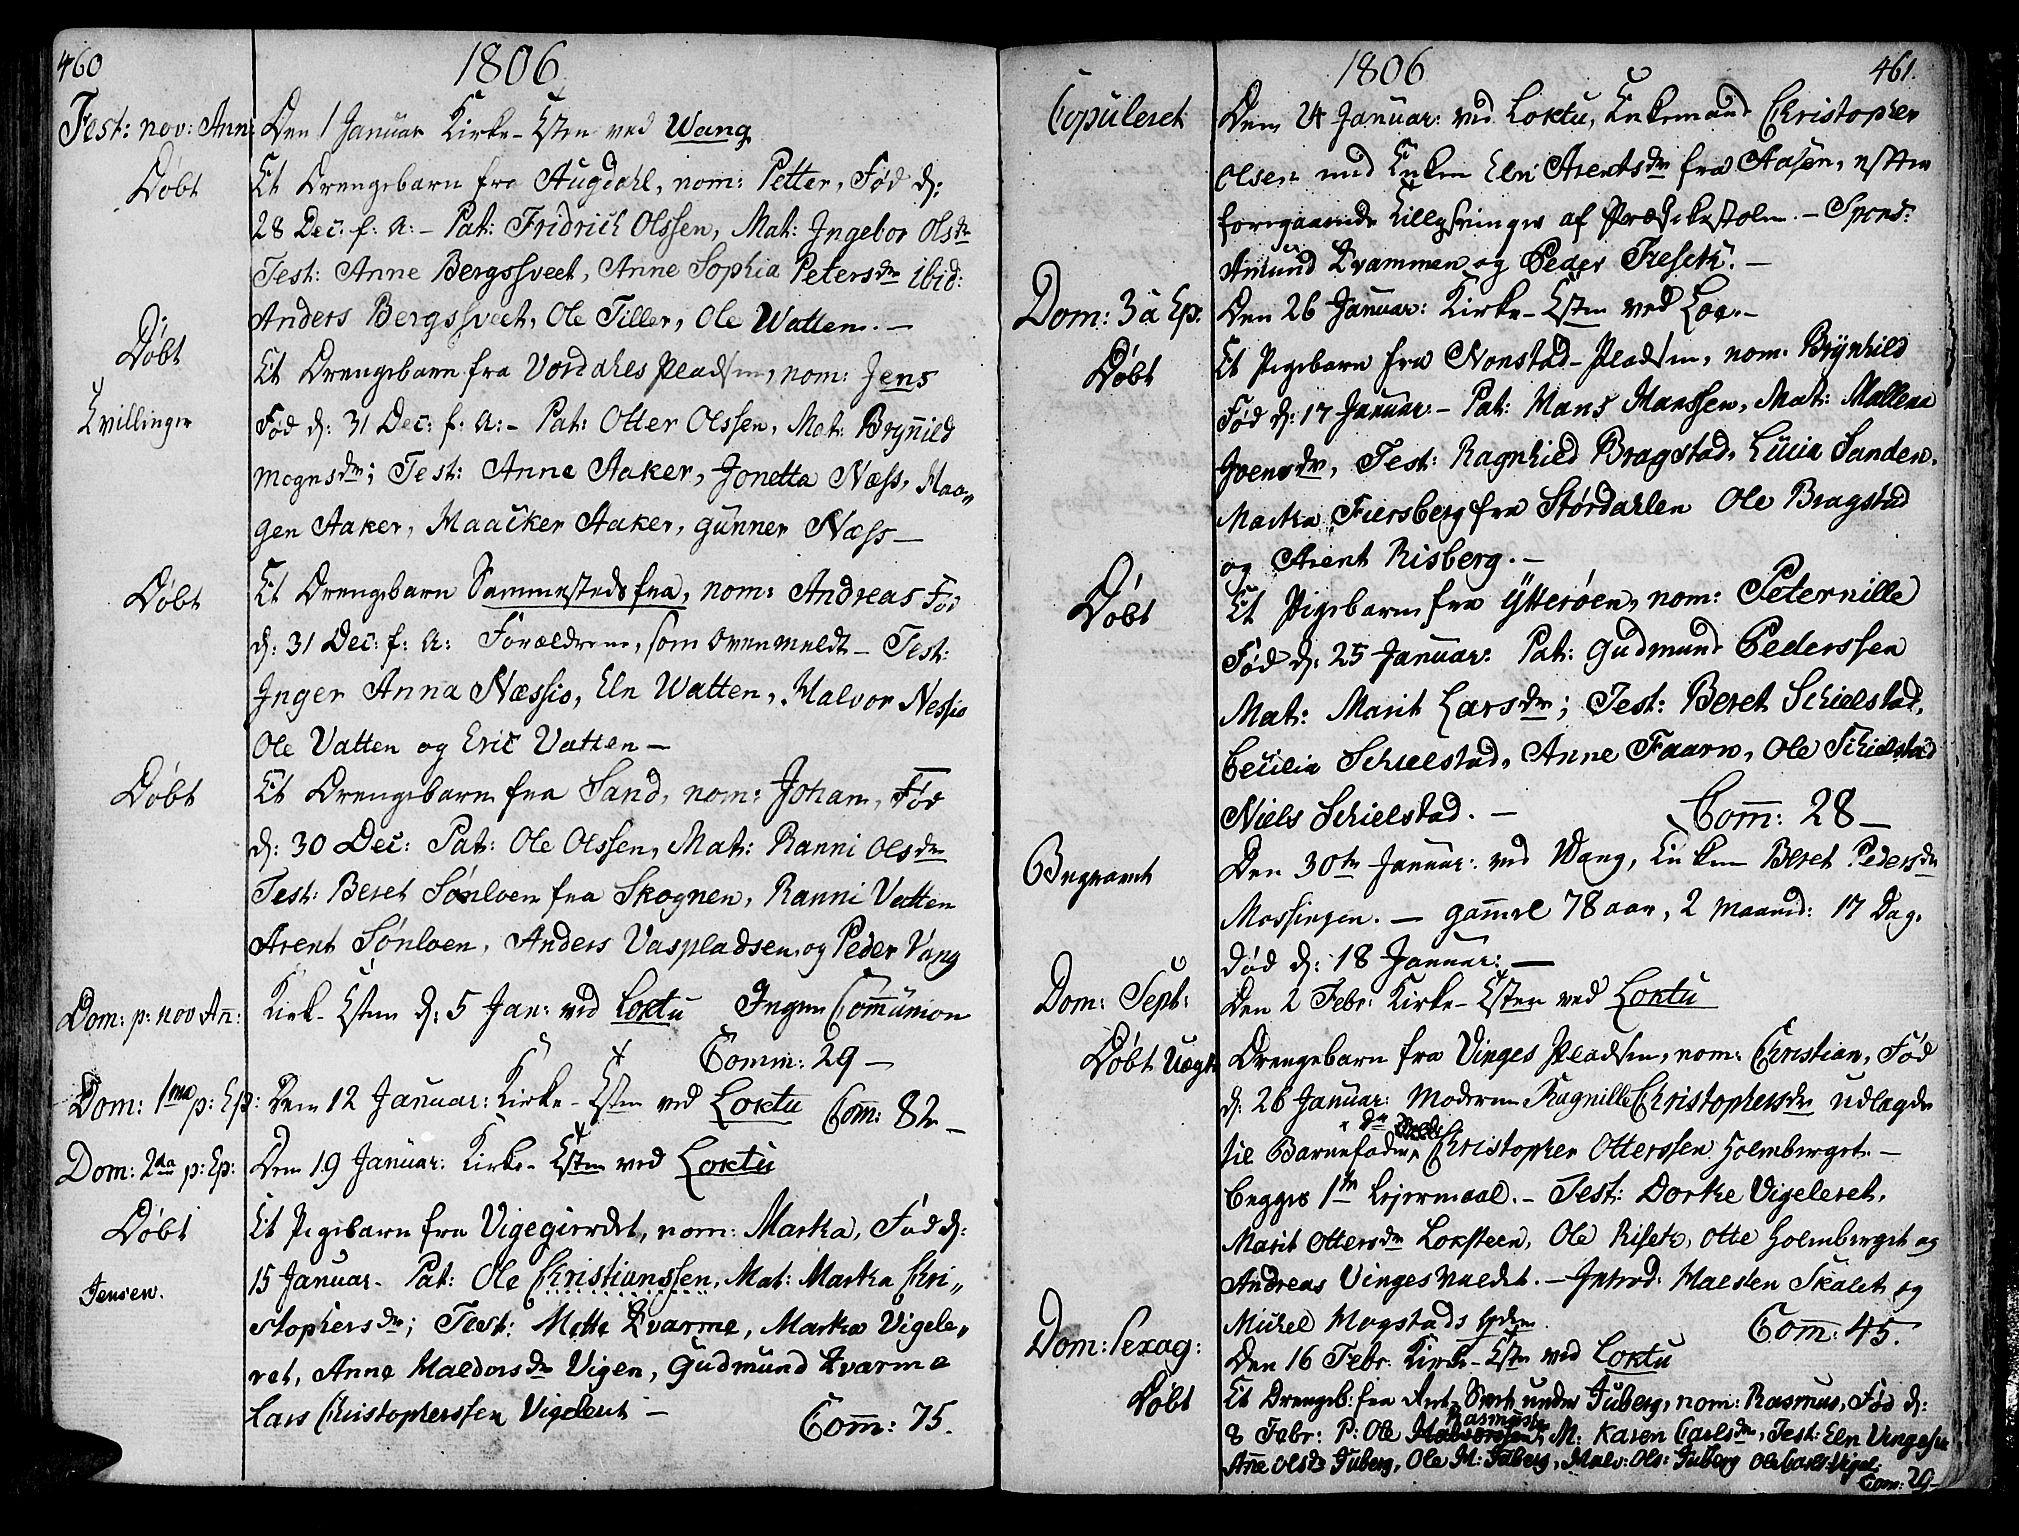 SAT, Ministerialprotokoller, klokkerbøker og fødselsregistre - Nord-Trøndelag, 713/L0110: Ministerialbok nr. 713A02, 1778-1811, s. 460-461